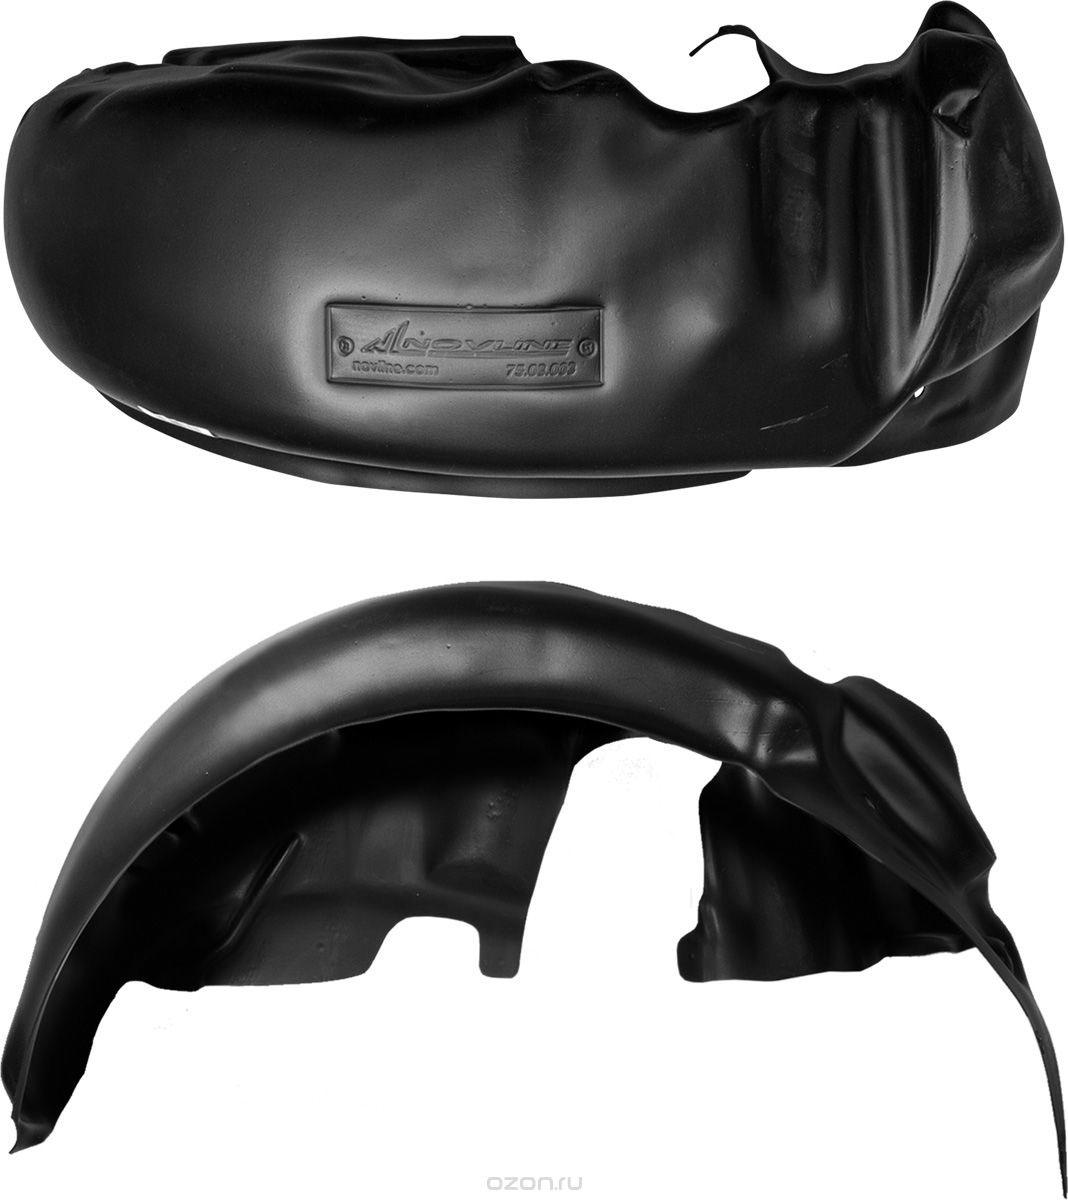 Подкрылок Novline-Autofamily, для ВАЗ 2105,07 1982-2010, б/б, задний правый000204Идеальная защита колесной ниши. Локеры разработаны с применением цифровых технологий, гарантируют максимальную повторяемость поверхности арки. Изделия устанавливаются без нарушения лакокрасочного покрытия автомобиля, каждый подкрылок комплектуется крепежом. Уважаемые клиенты, обращаем ваше внимание, что фотографии на подкрылки универсальные и не отражают реальную форму изделия. При этом само изделие идет точно под размер указанного автомобиля.